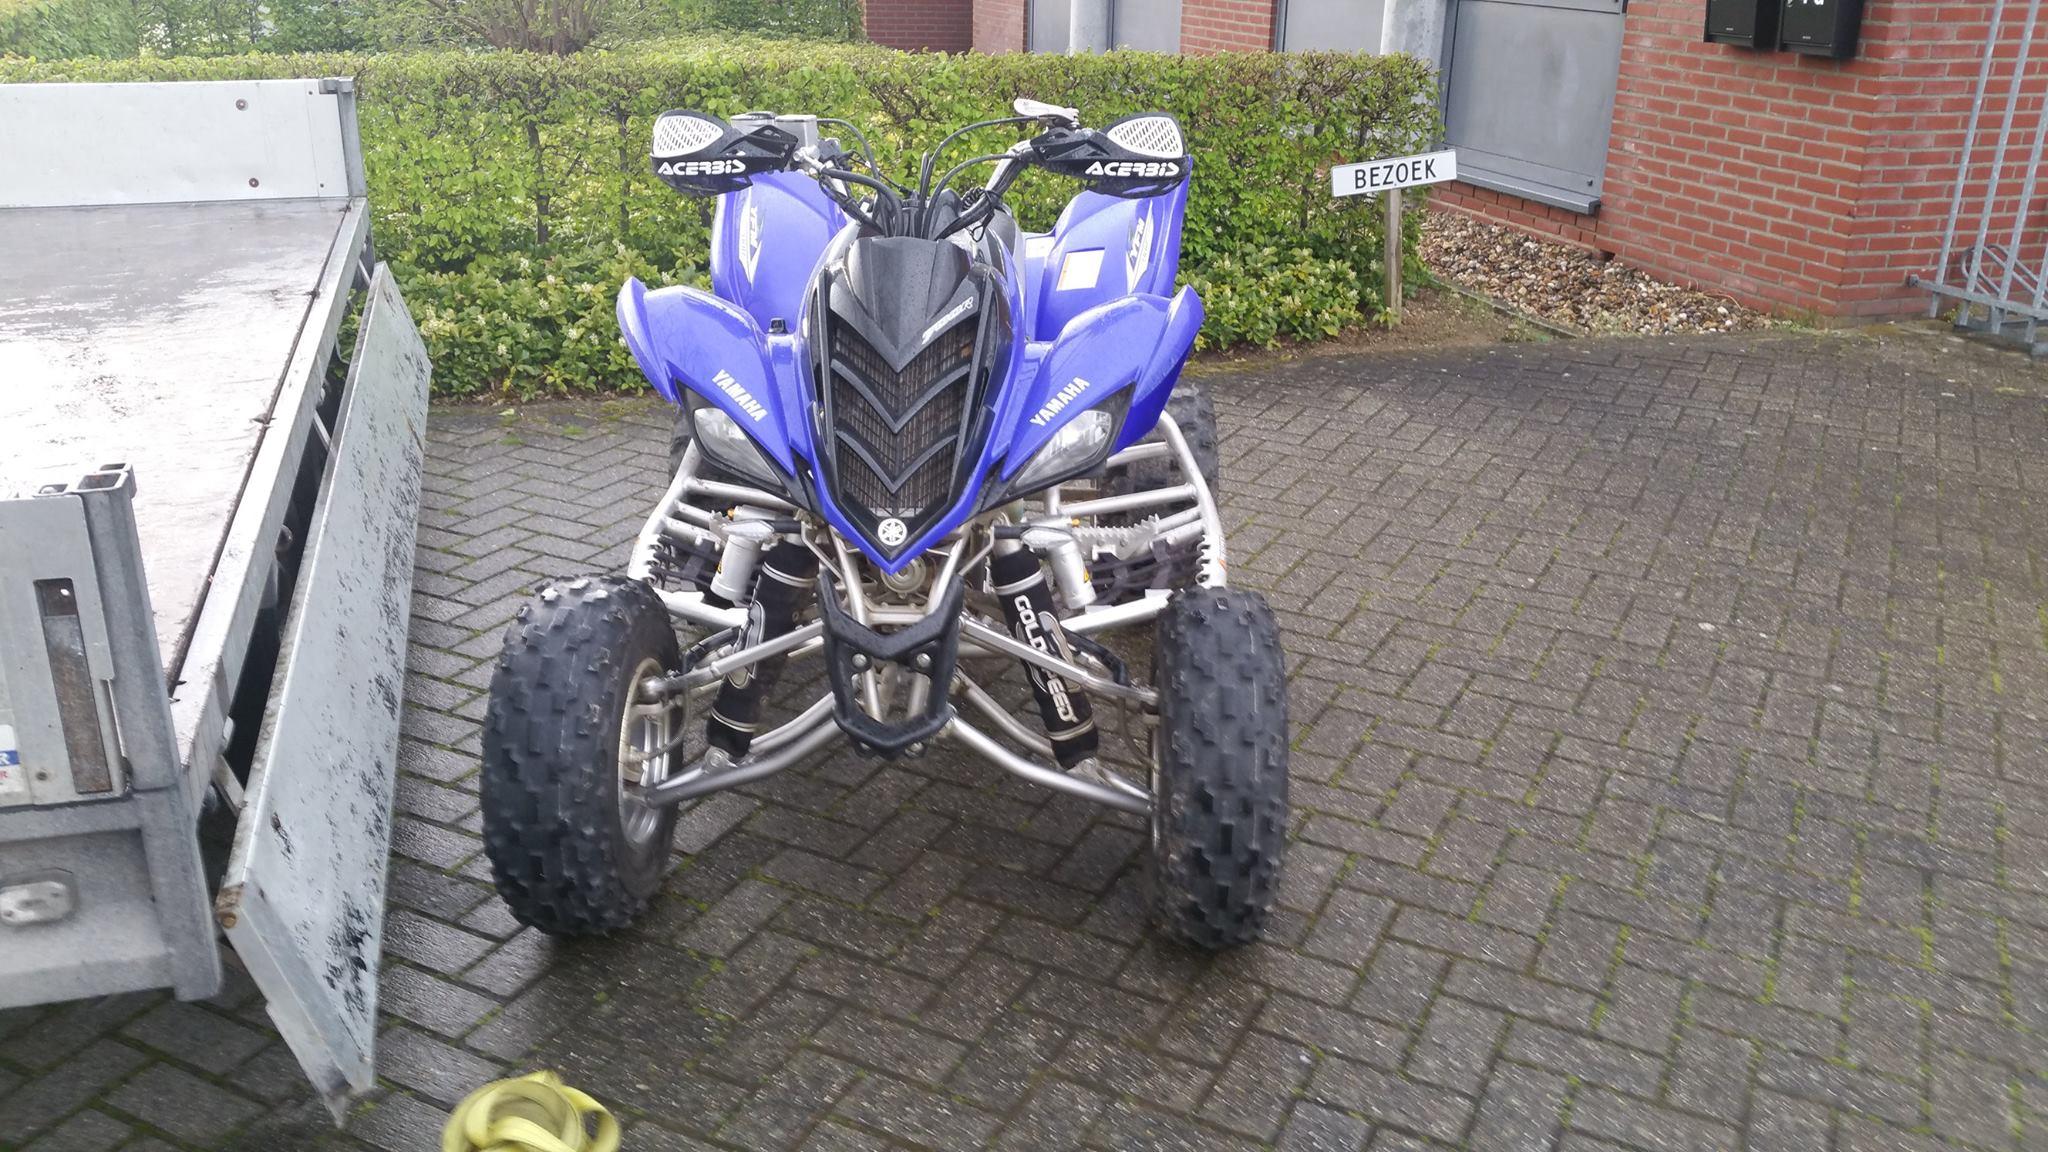 Yamaha Raptor quad gestolen uit schuur woning Stoelenmatter in Hoorn